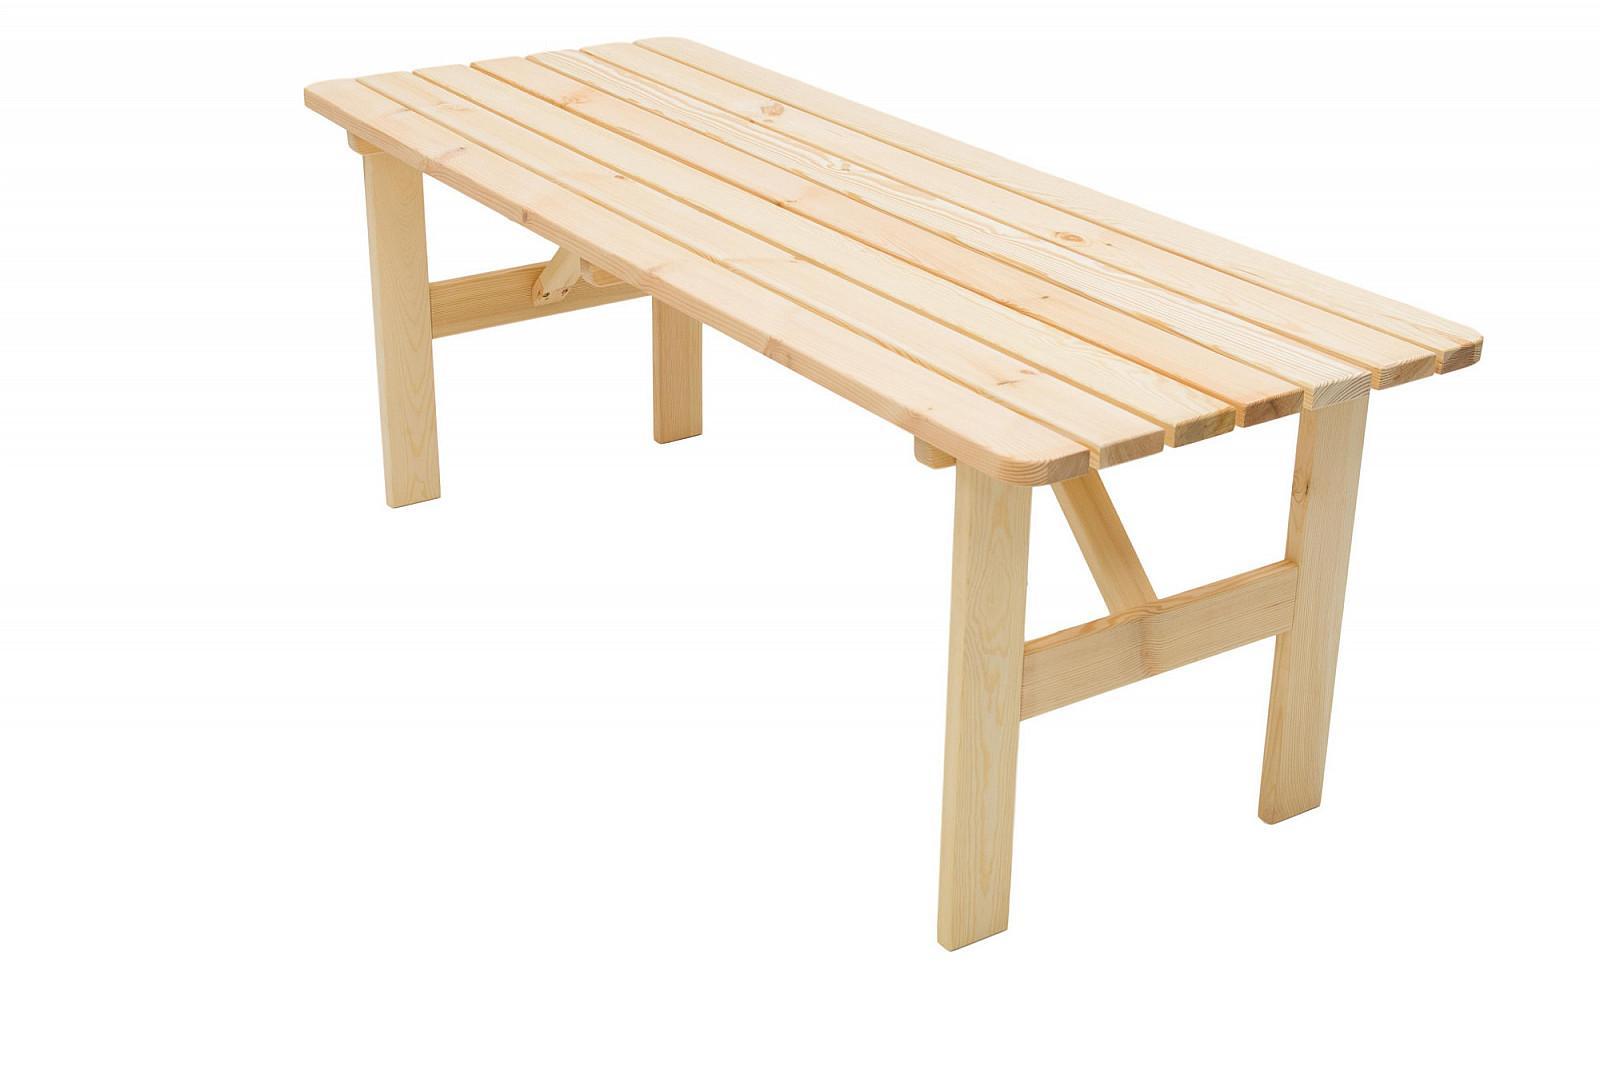 Masívny stôl z borovice drevo 30 mm (rôzne dĺžky) 200 cm